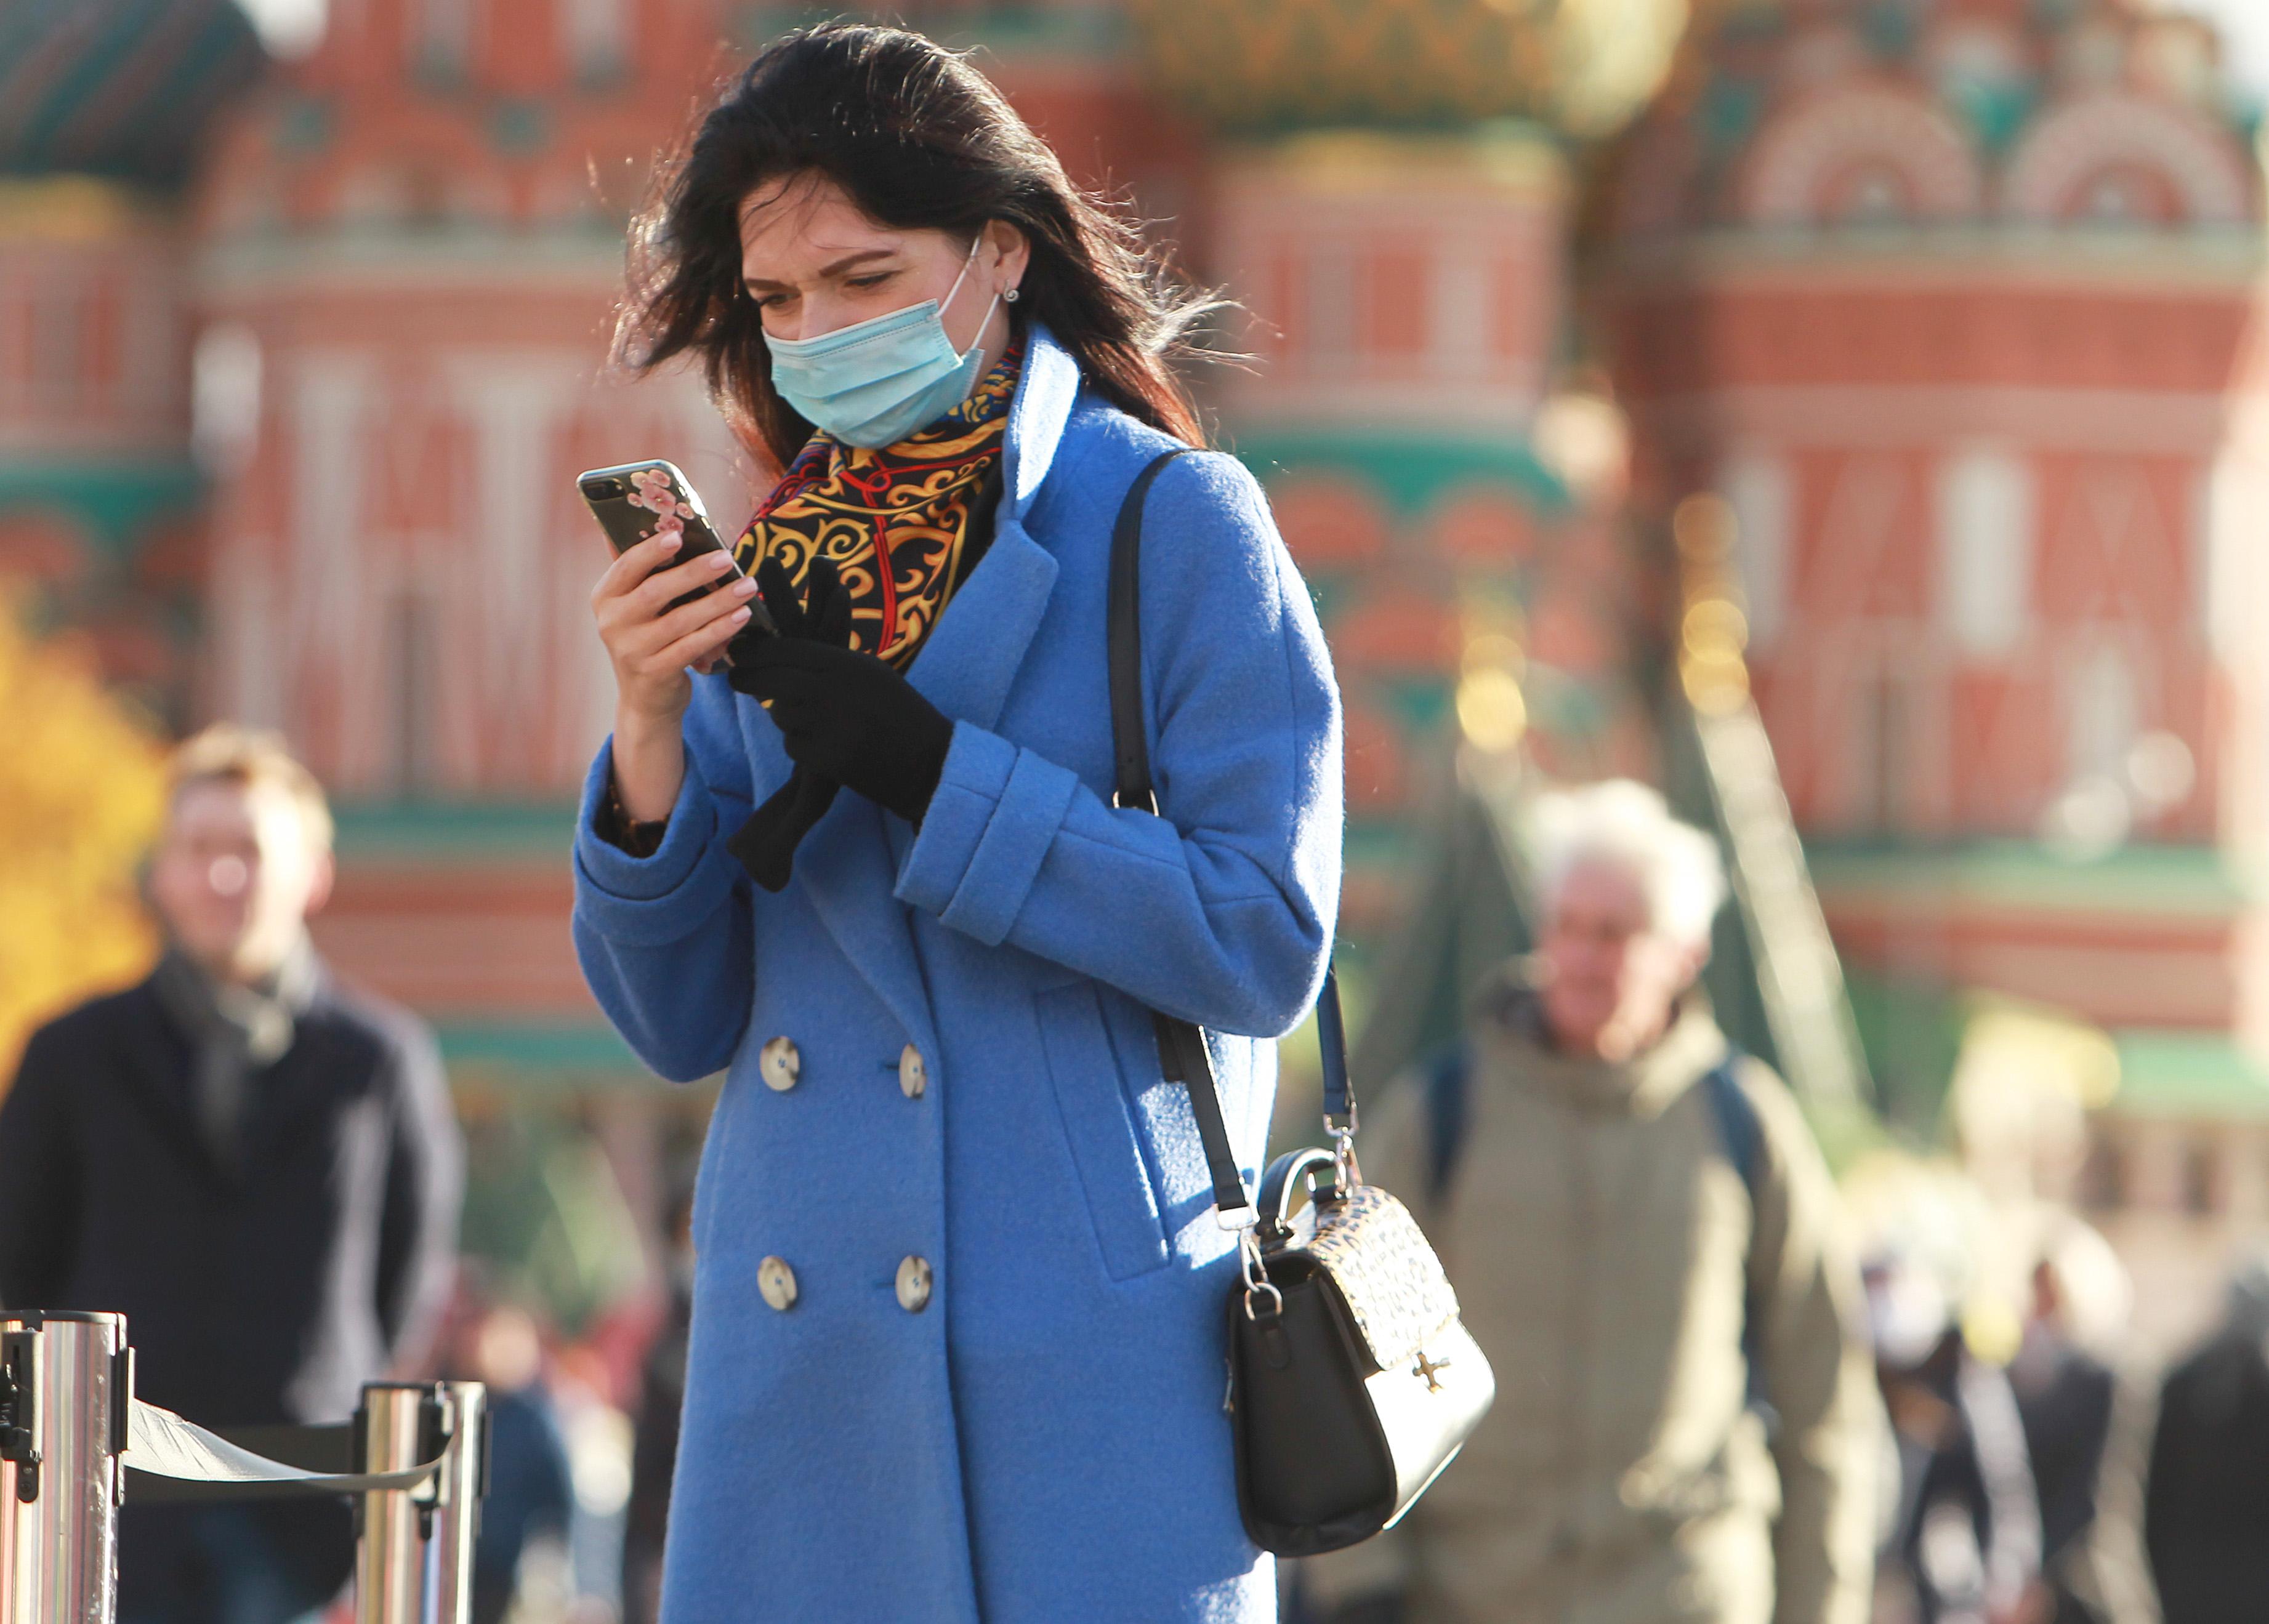 Приложение Московского паркинга является самым удобным способом оплаты парковки. Фото: Наталия Нечаева